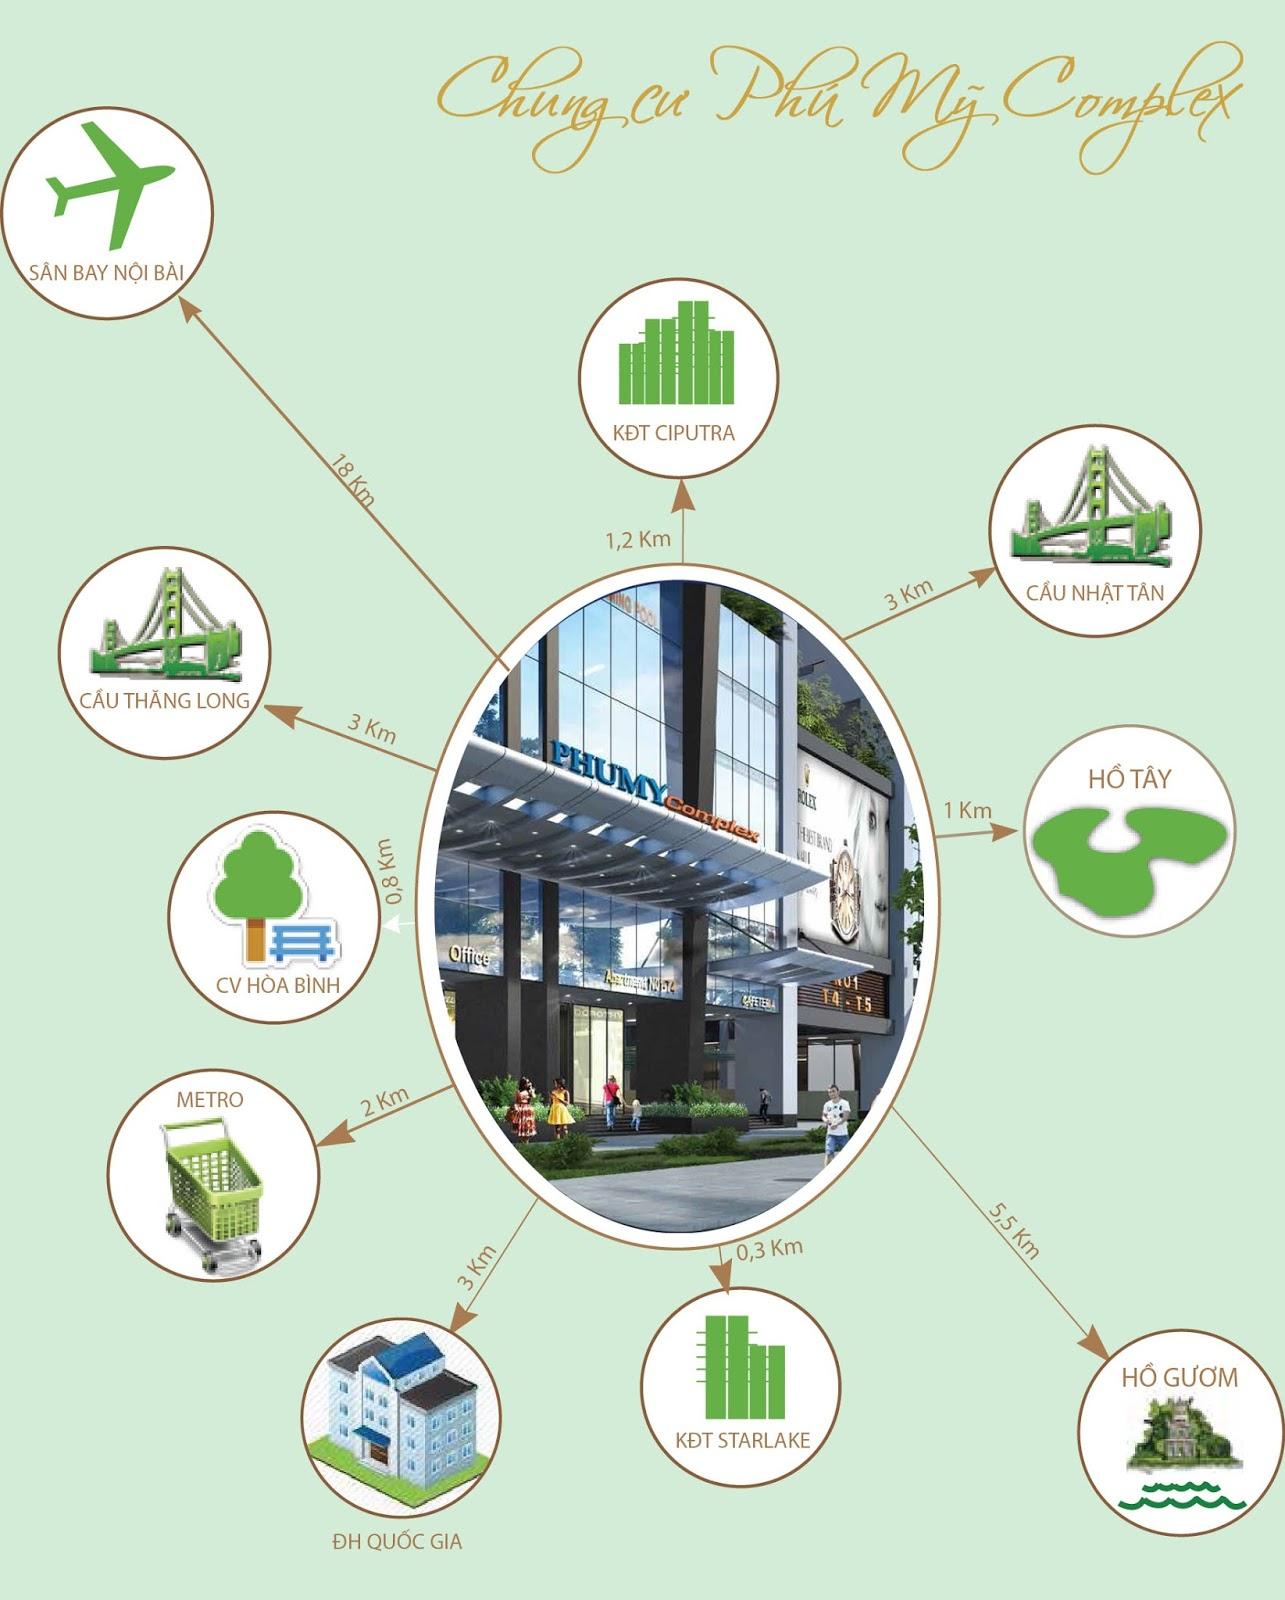 Chung cư Phú Mỹ Complex và Các lý do khiến khách hàng không thể từ chối mua